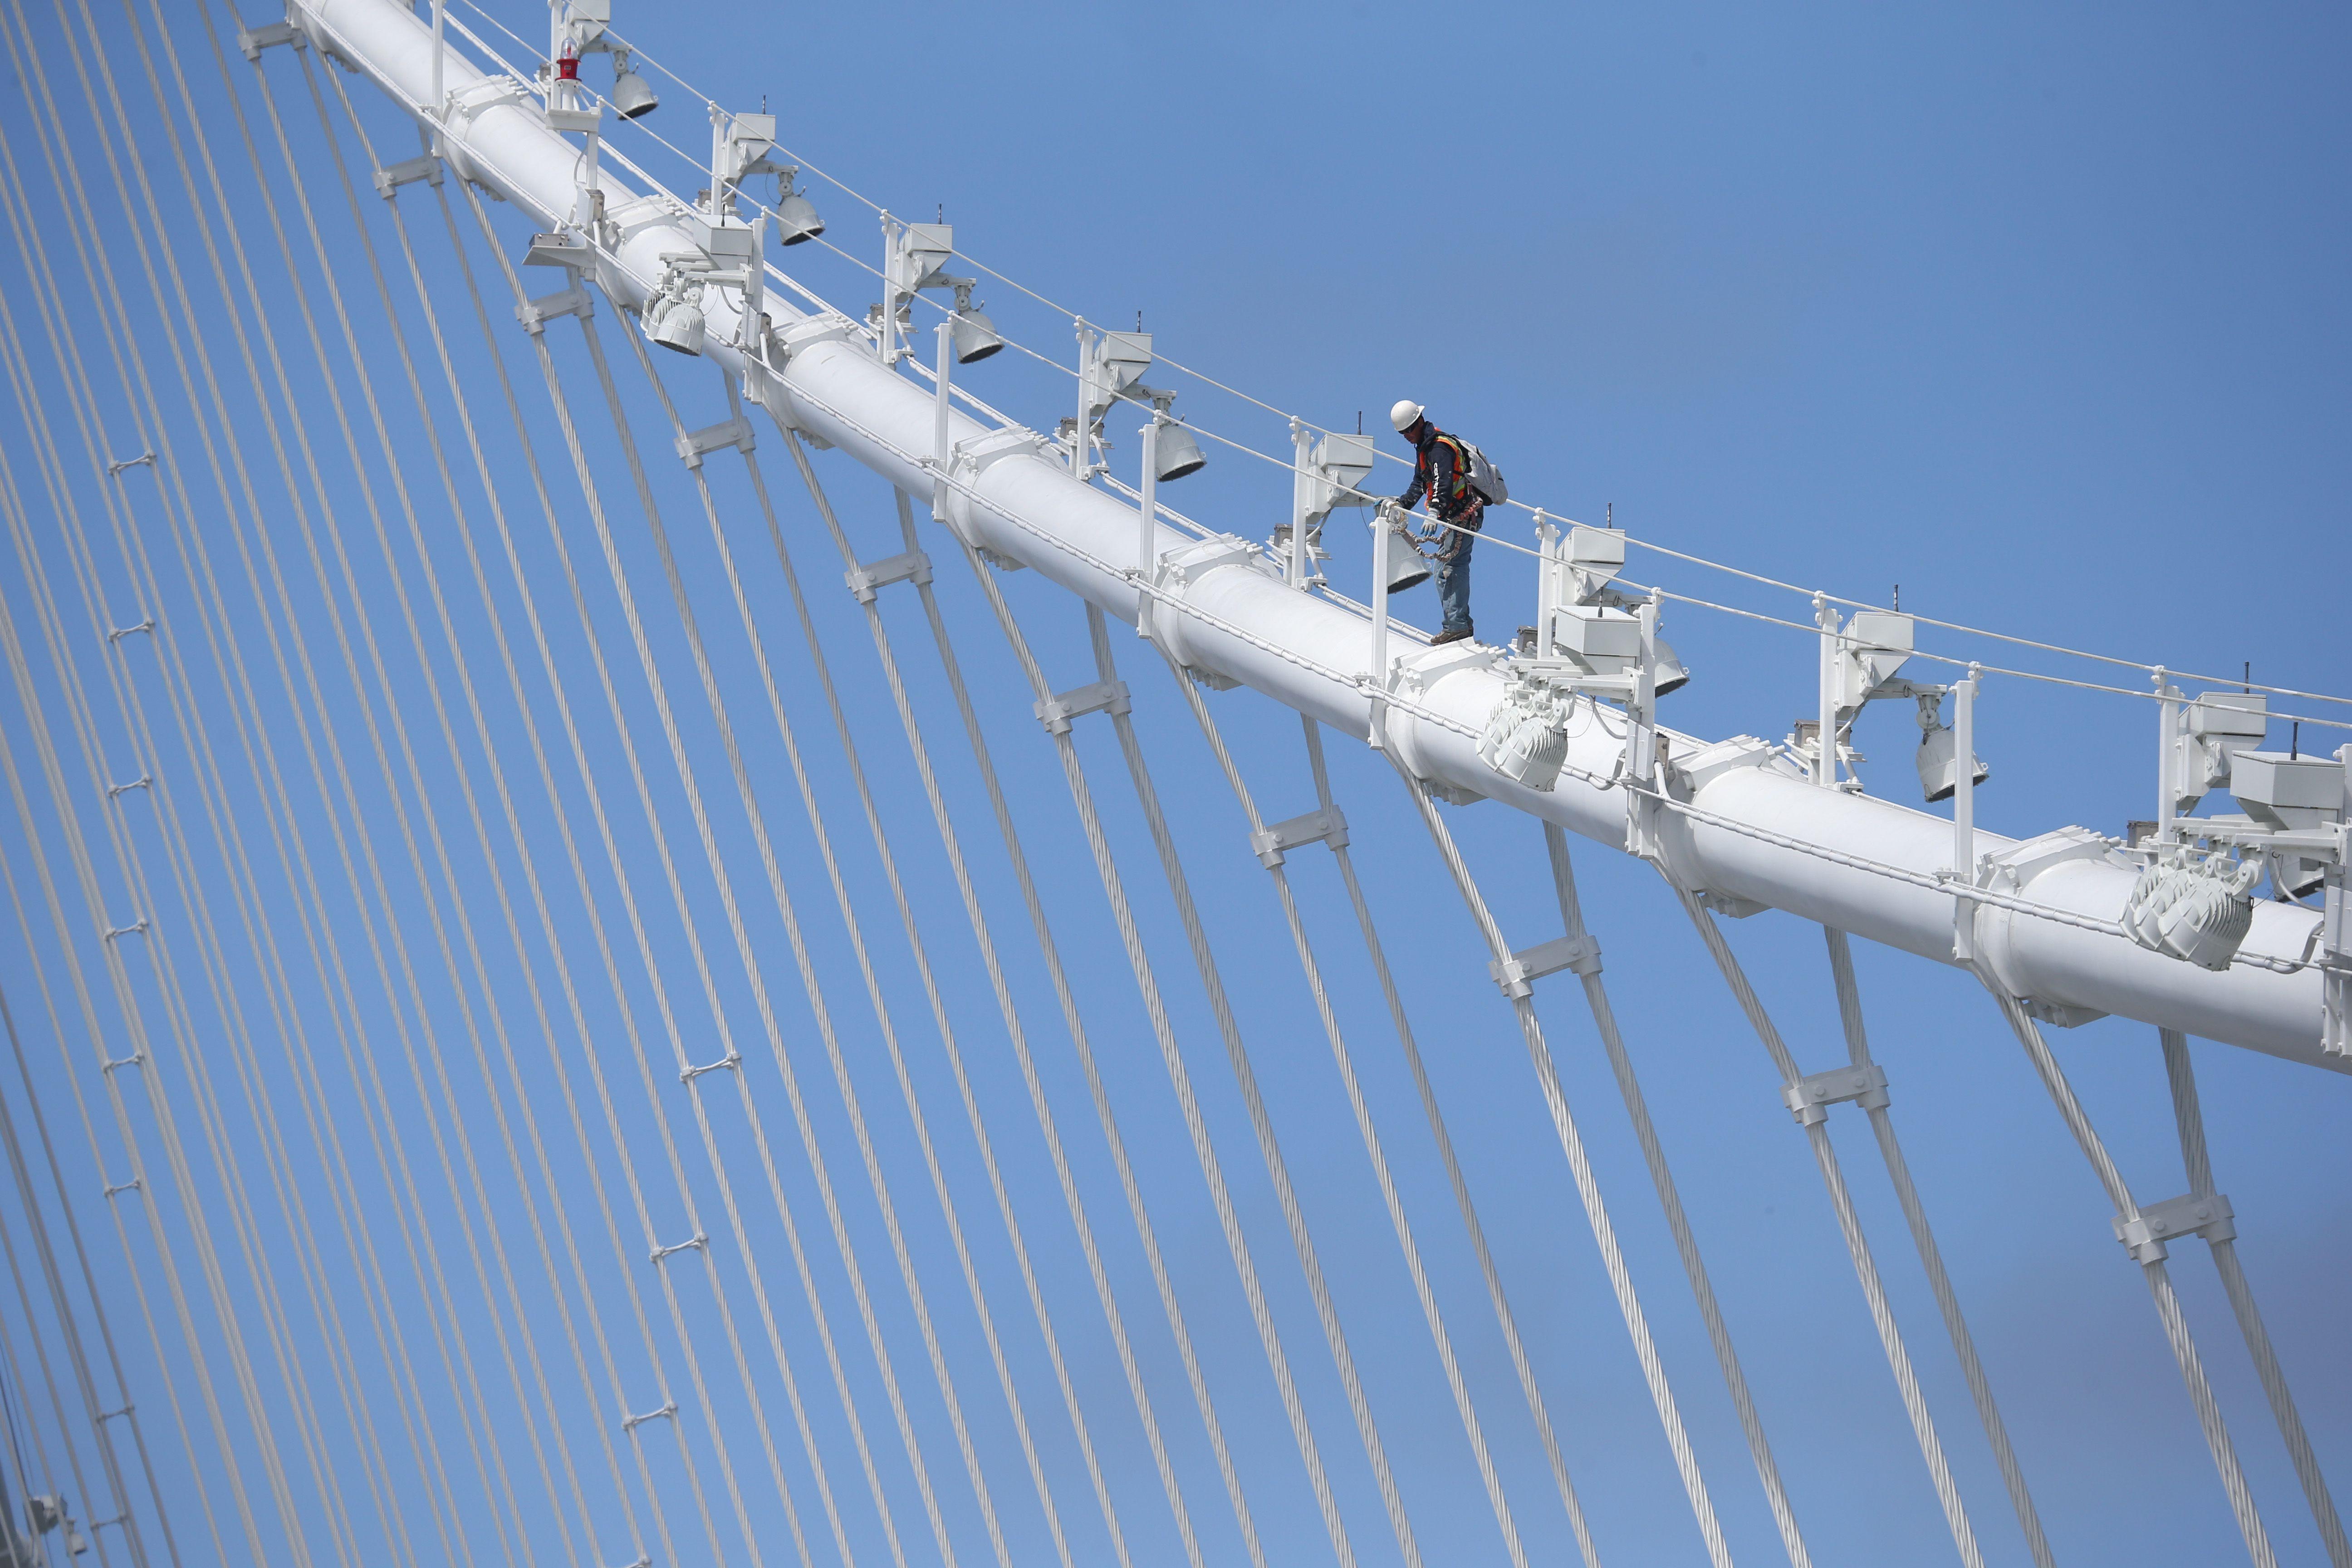 Un travailleur de pont marche un câble du nouveau pont de San Francisco-Oakland le 12 Juillet 2013 à Oakland, Californie